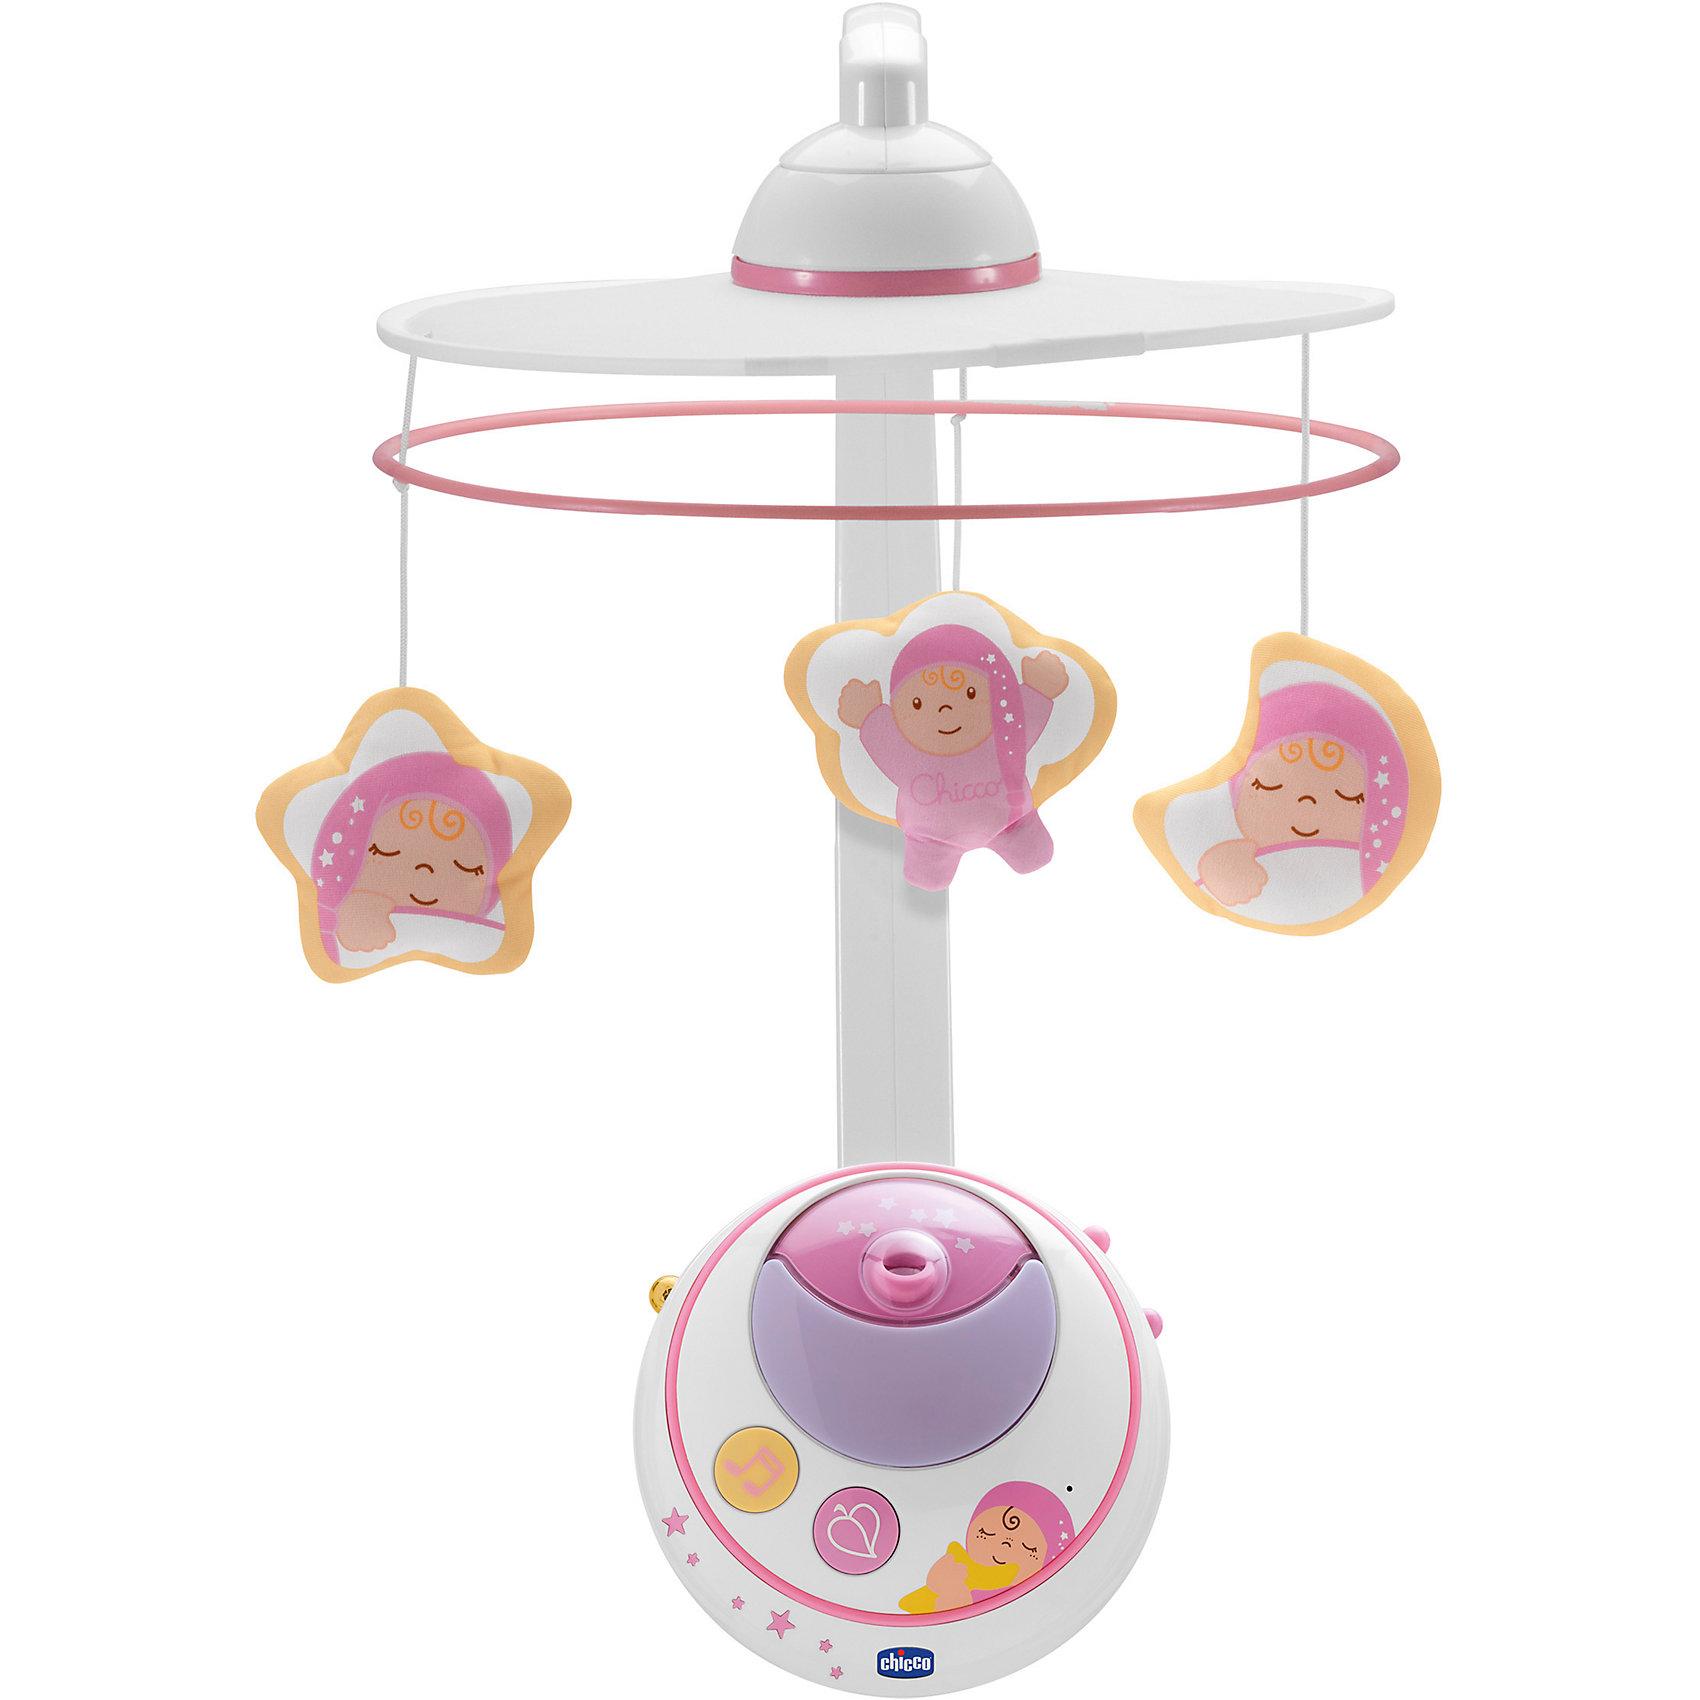 Мобиль Волшебные звезды, розовый, с д/у, ChiccoМобили<br>Мобиль Волшебные звезды, розовый, с д/у, Chicco (Чико) проецирует изображения красочных звезд и планет в то время как забавные персонажи кружатся под нежные успокаивающие мелодии, создавая волшебную атмосферу в спальне ребенка. Мобиль оснащен звуковым сенсором: стоит ребенку заплакать и подвеска включится автоматически, что очень удобно для мамы в ночное время.<br><br>Характеристики:<br>-Цвет: розовый<br>-Проигрыватель с музыкой в двух стилях (классическим и современном)<br>-Два четких проекционных изображения (на свои части и на потолок)<br>-Звуковой сенсор для автоматического включения от плача ребенка<br>-Удобные кнопки управления инфракрасный пульт дистанционного управления<br>-18 минут проекции и музыки<br>-Функции ночника, проектора ночного звездного неба, музыкальной карусели с игрушками<br><br>Дополнительная информация:<br>-Материалы: пластик, полипропилен<br>-Питание: 2 батарейки типа АА (в комплект НЕ входят)<br><br>Благодаря великолепной системе проецирования изображений подвеска-мобиль Волшебные звезды подарит малышу комфорт, спокойствие и крепкий сон!<br><br>Мобиль Волшебные звезды, розовый, с д/у, Chicco (Чико) можно купить в нашем магазине.<br><br>Ширина мм: 360<br>Глубина мм: 148<br>Высота мм: 520<br>Вес г: 2249<br>Возраст от месяцев: 0<br>Возраст до месяцев: 18<br>Пол: Женский<br>Возраст: Детский<br>SKU: 4123484